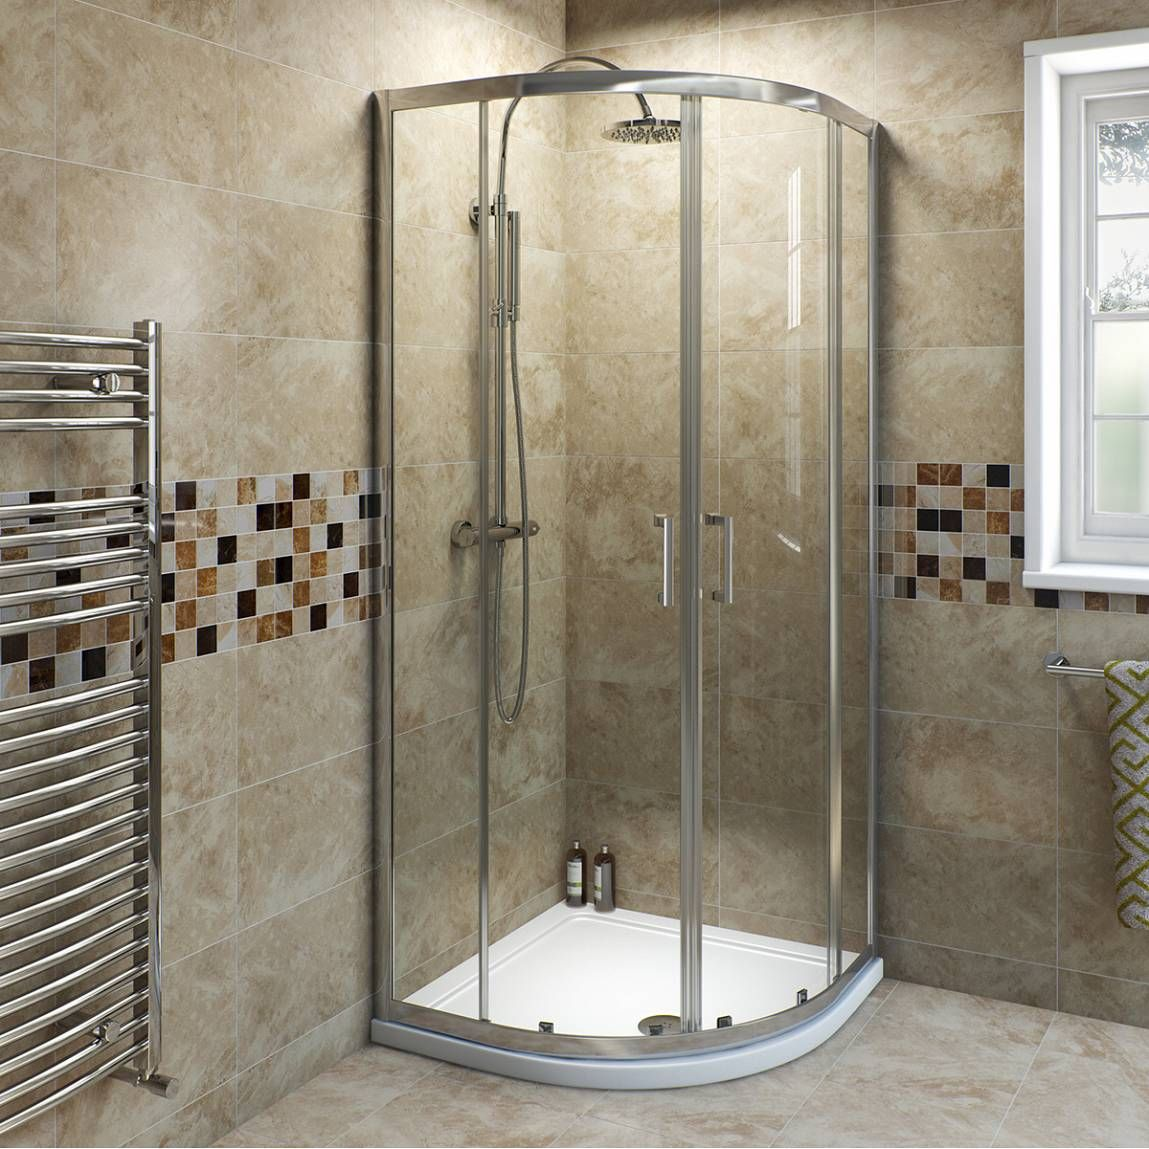 V6 quadrant shower enclosure 800 ideas for the ensuite - Shower enclosure ideas ...